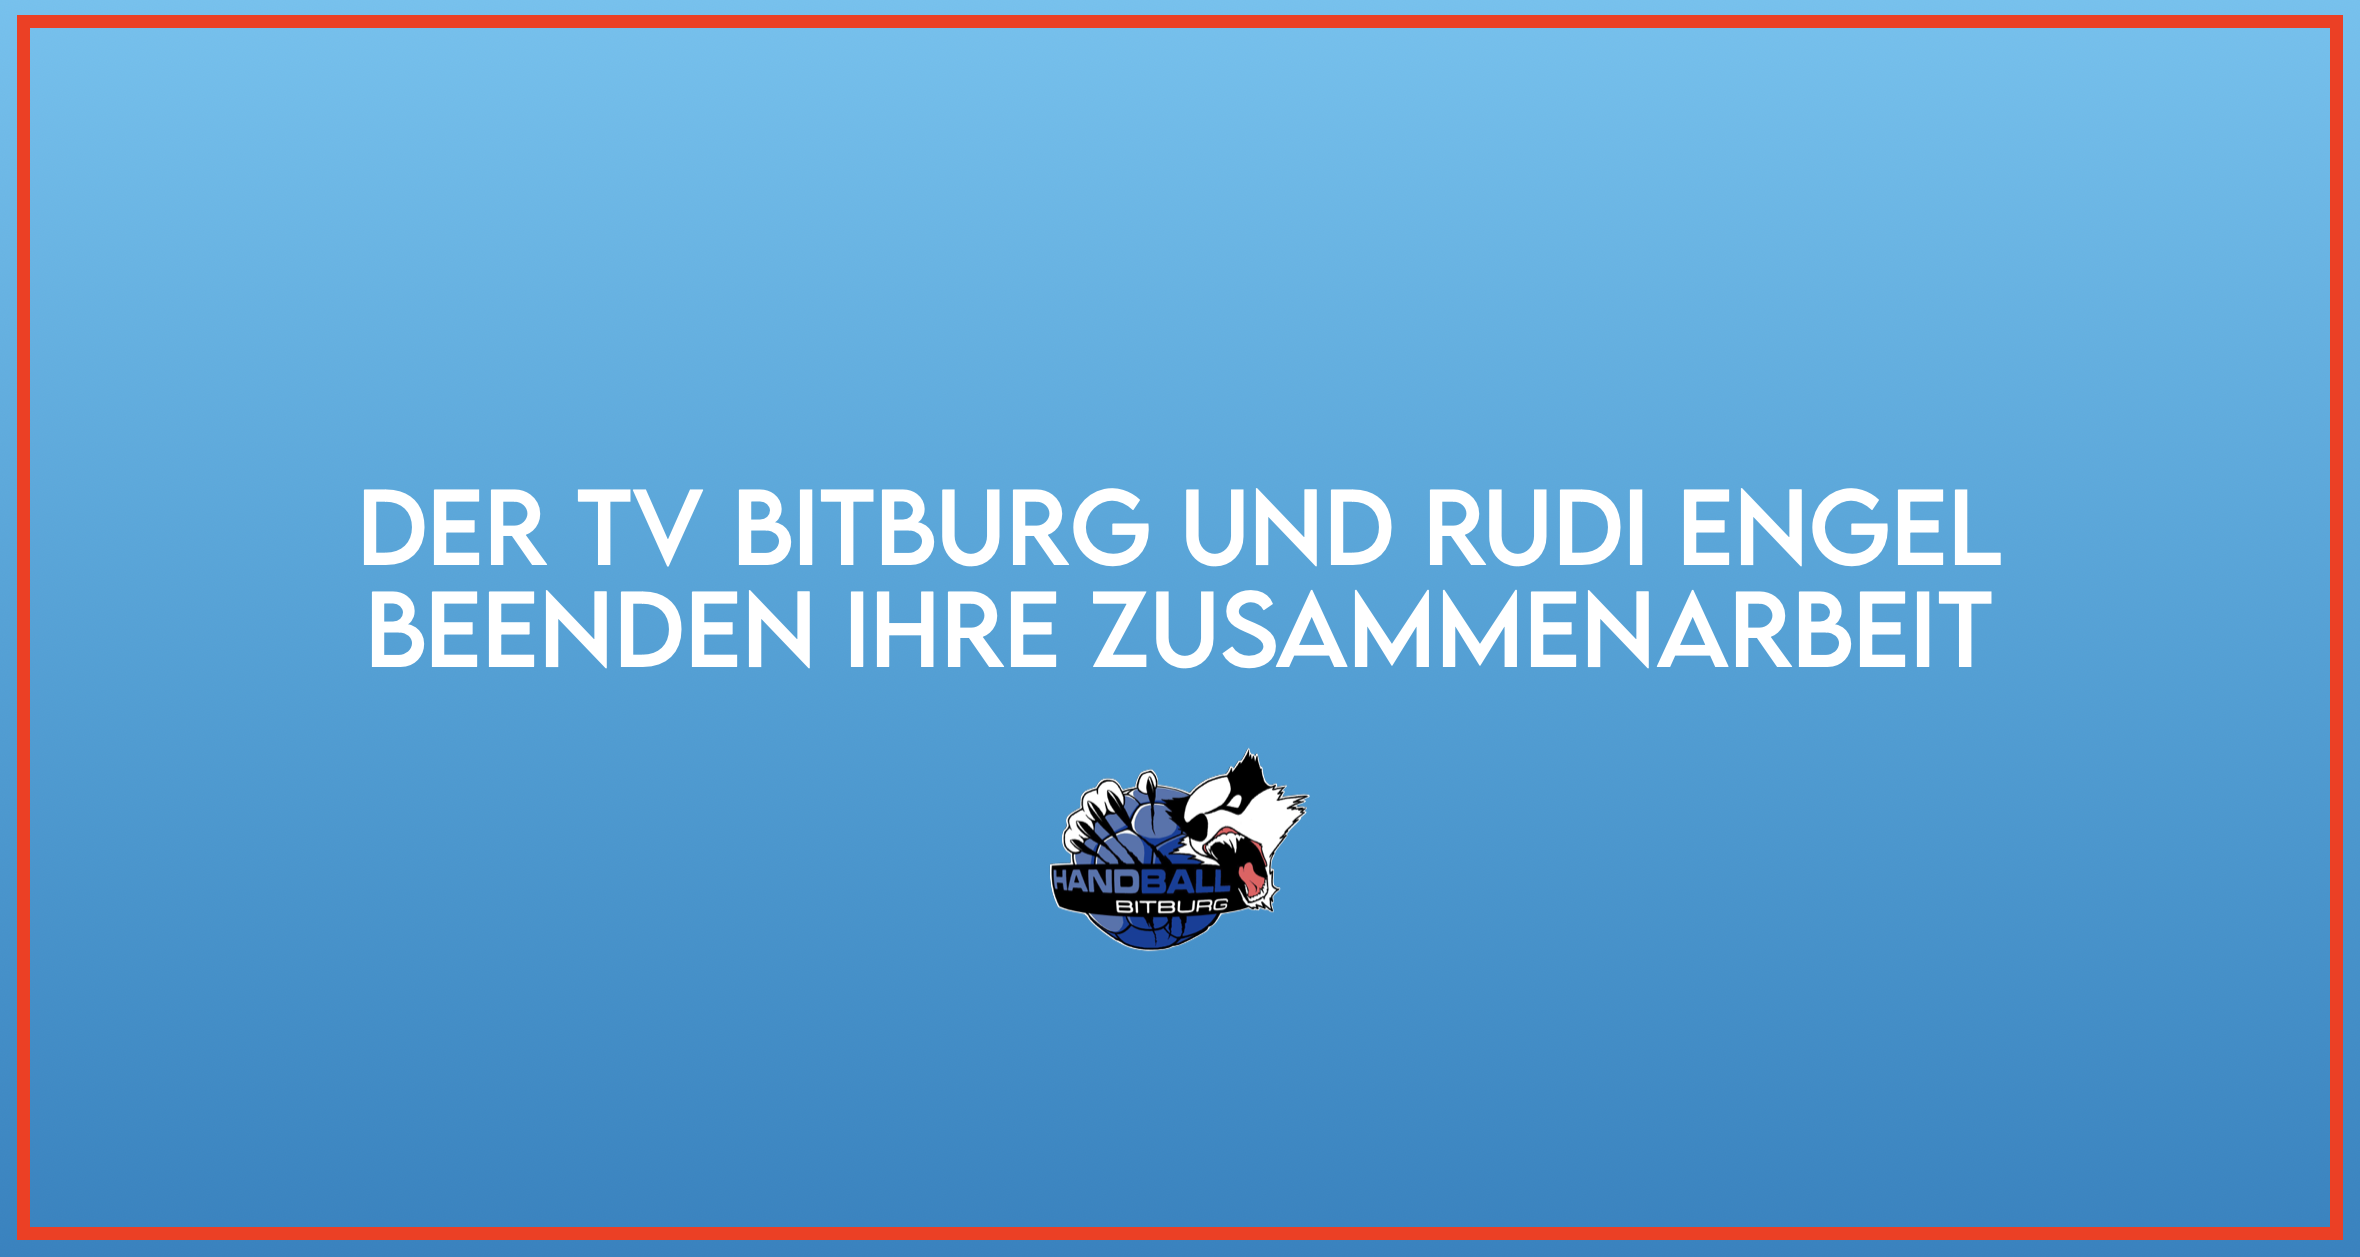 Der TV Bitburg und Rudi Engel beenden ihre Zusammenarbeit